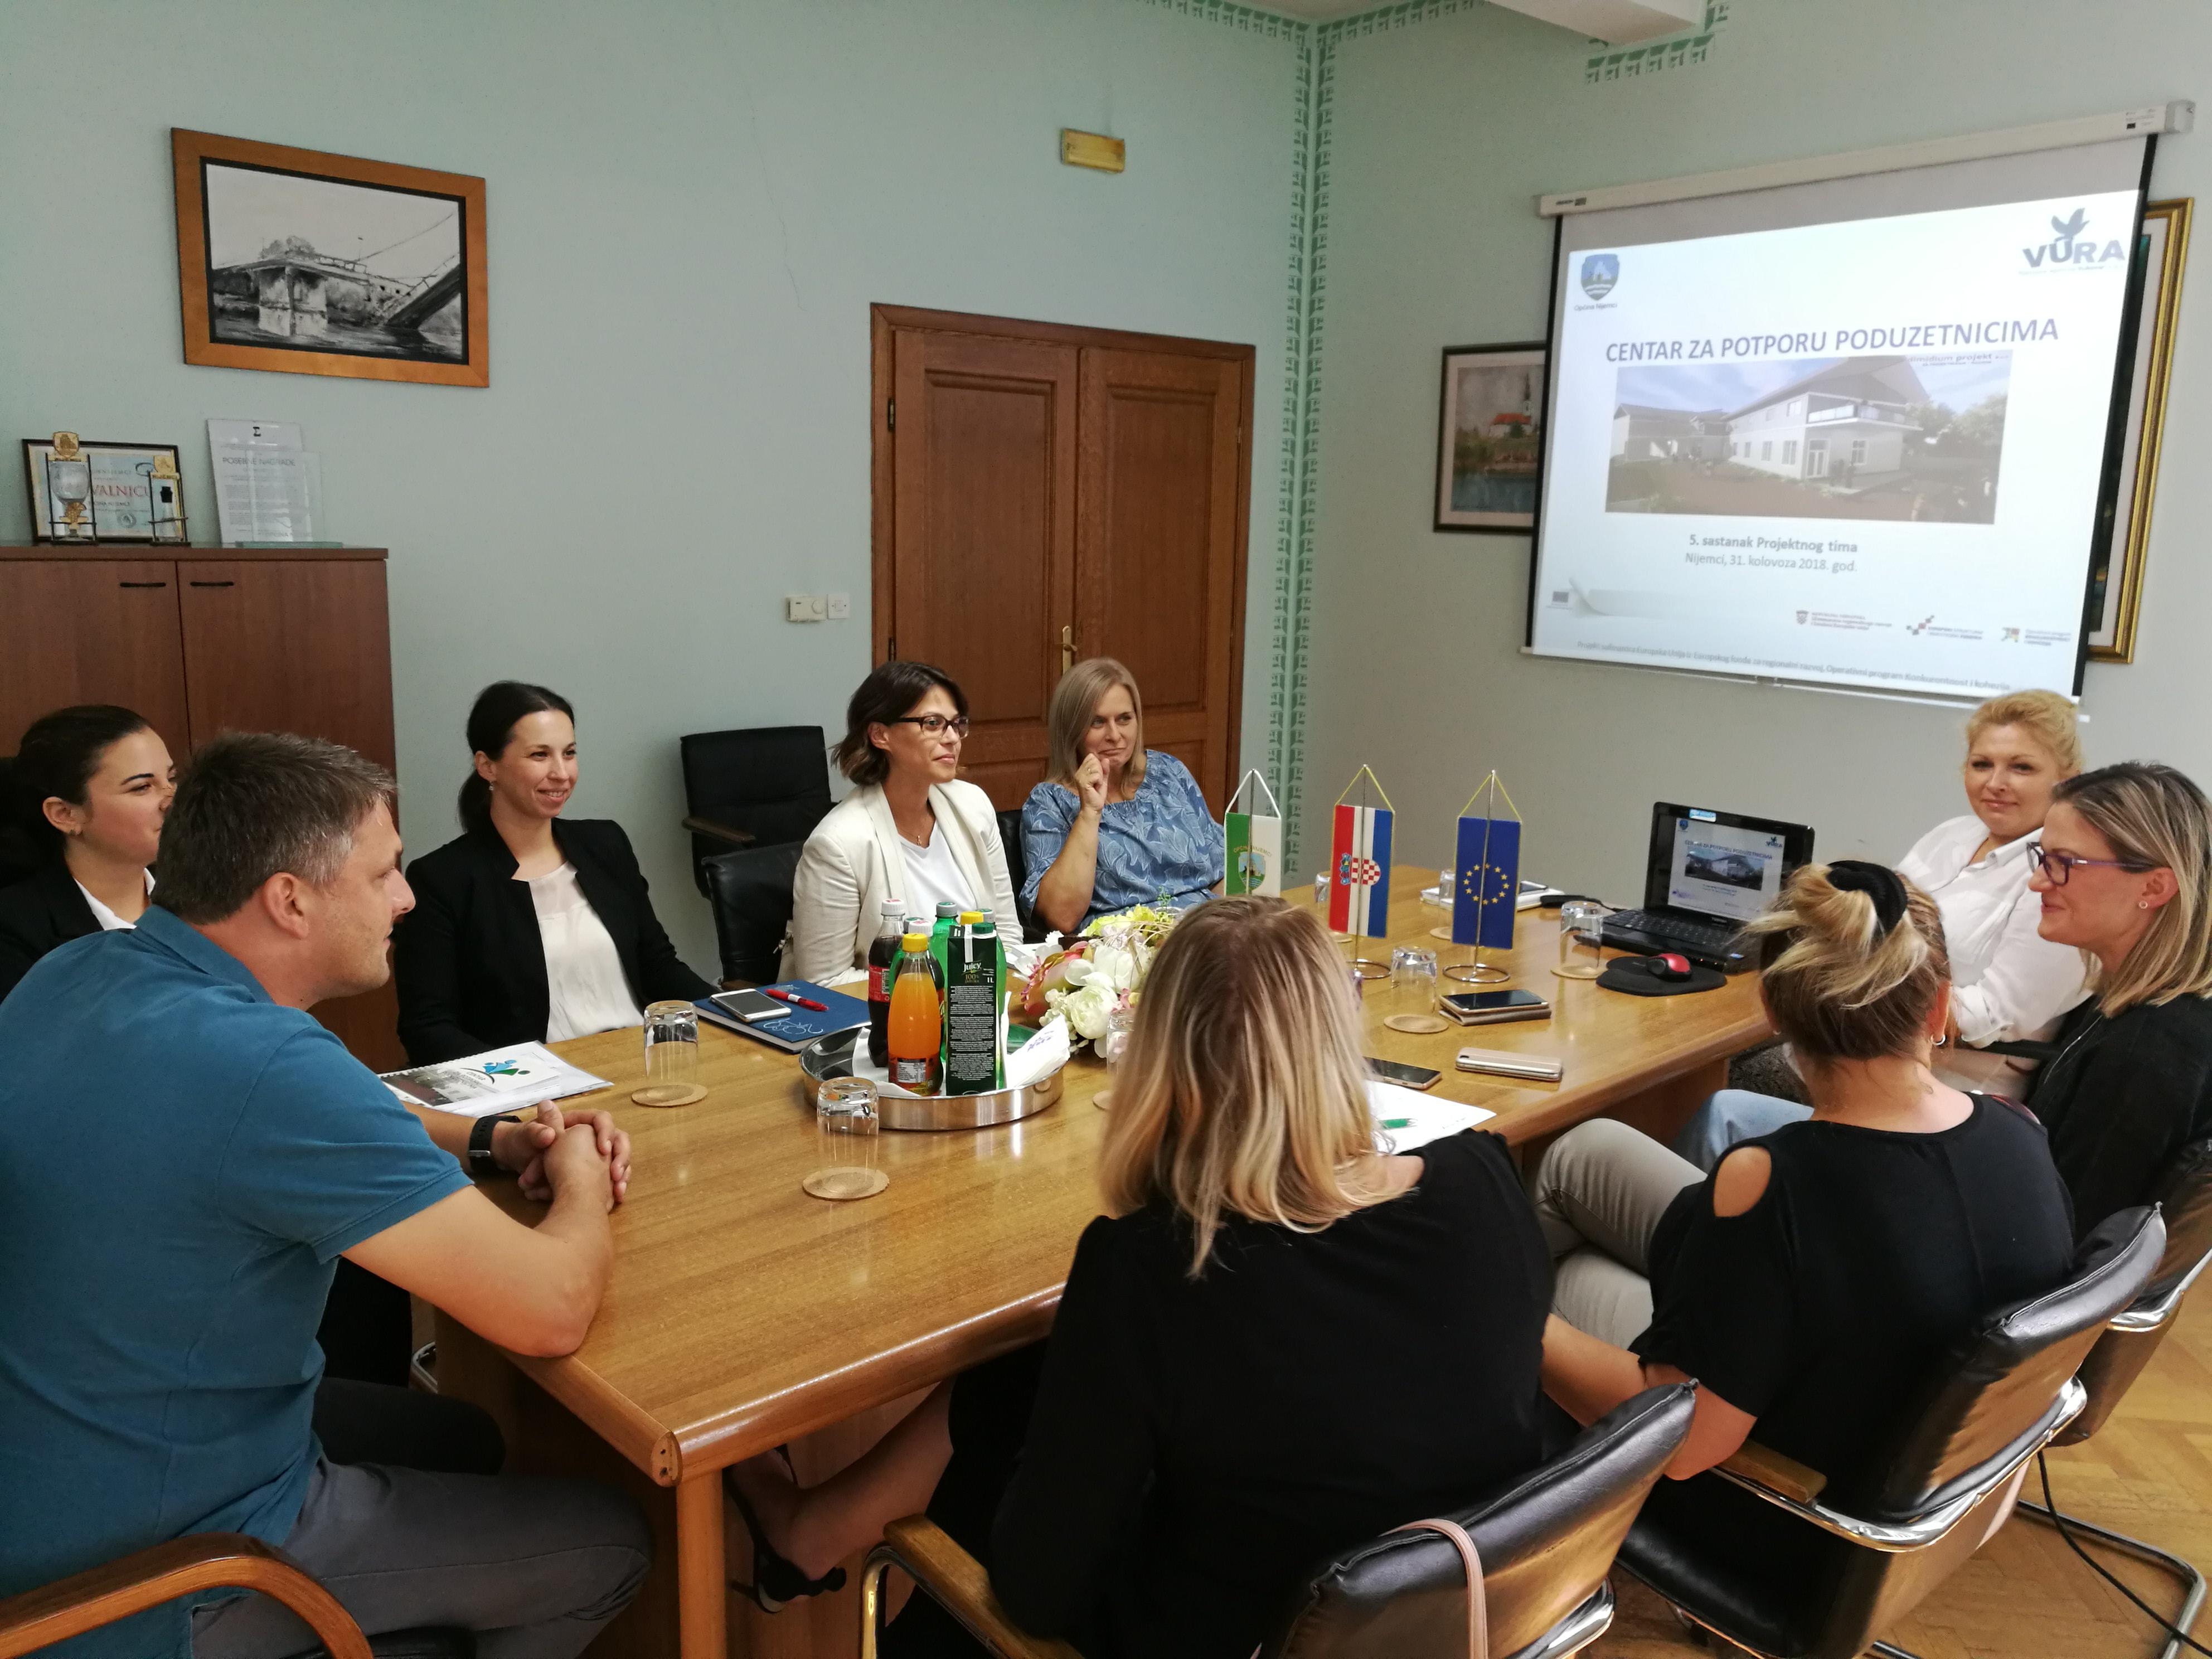 Peti sastanak Projektnog tima i Upravnog odbora